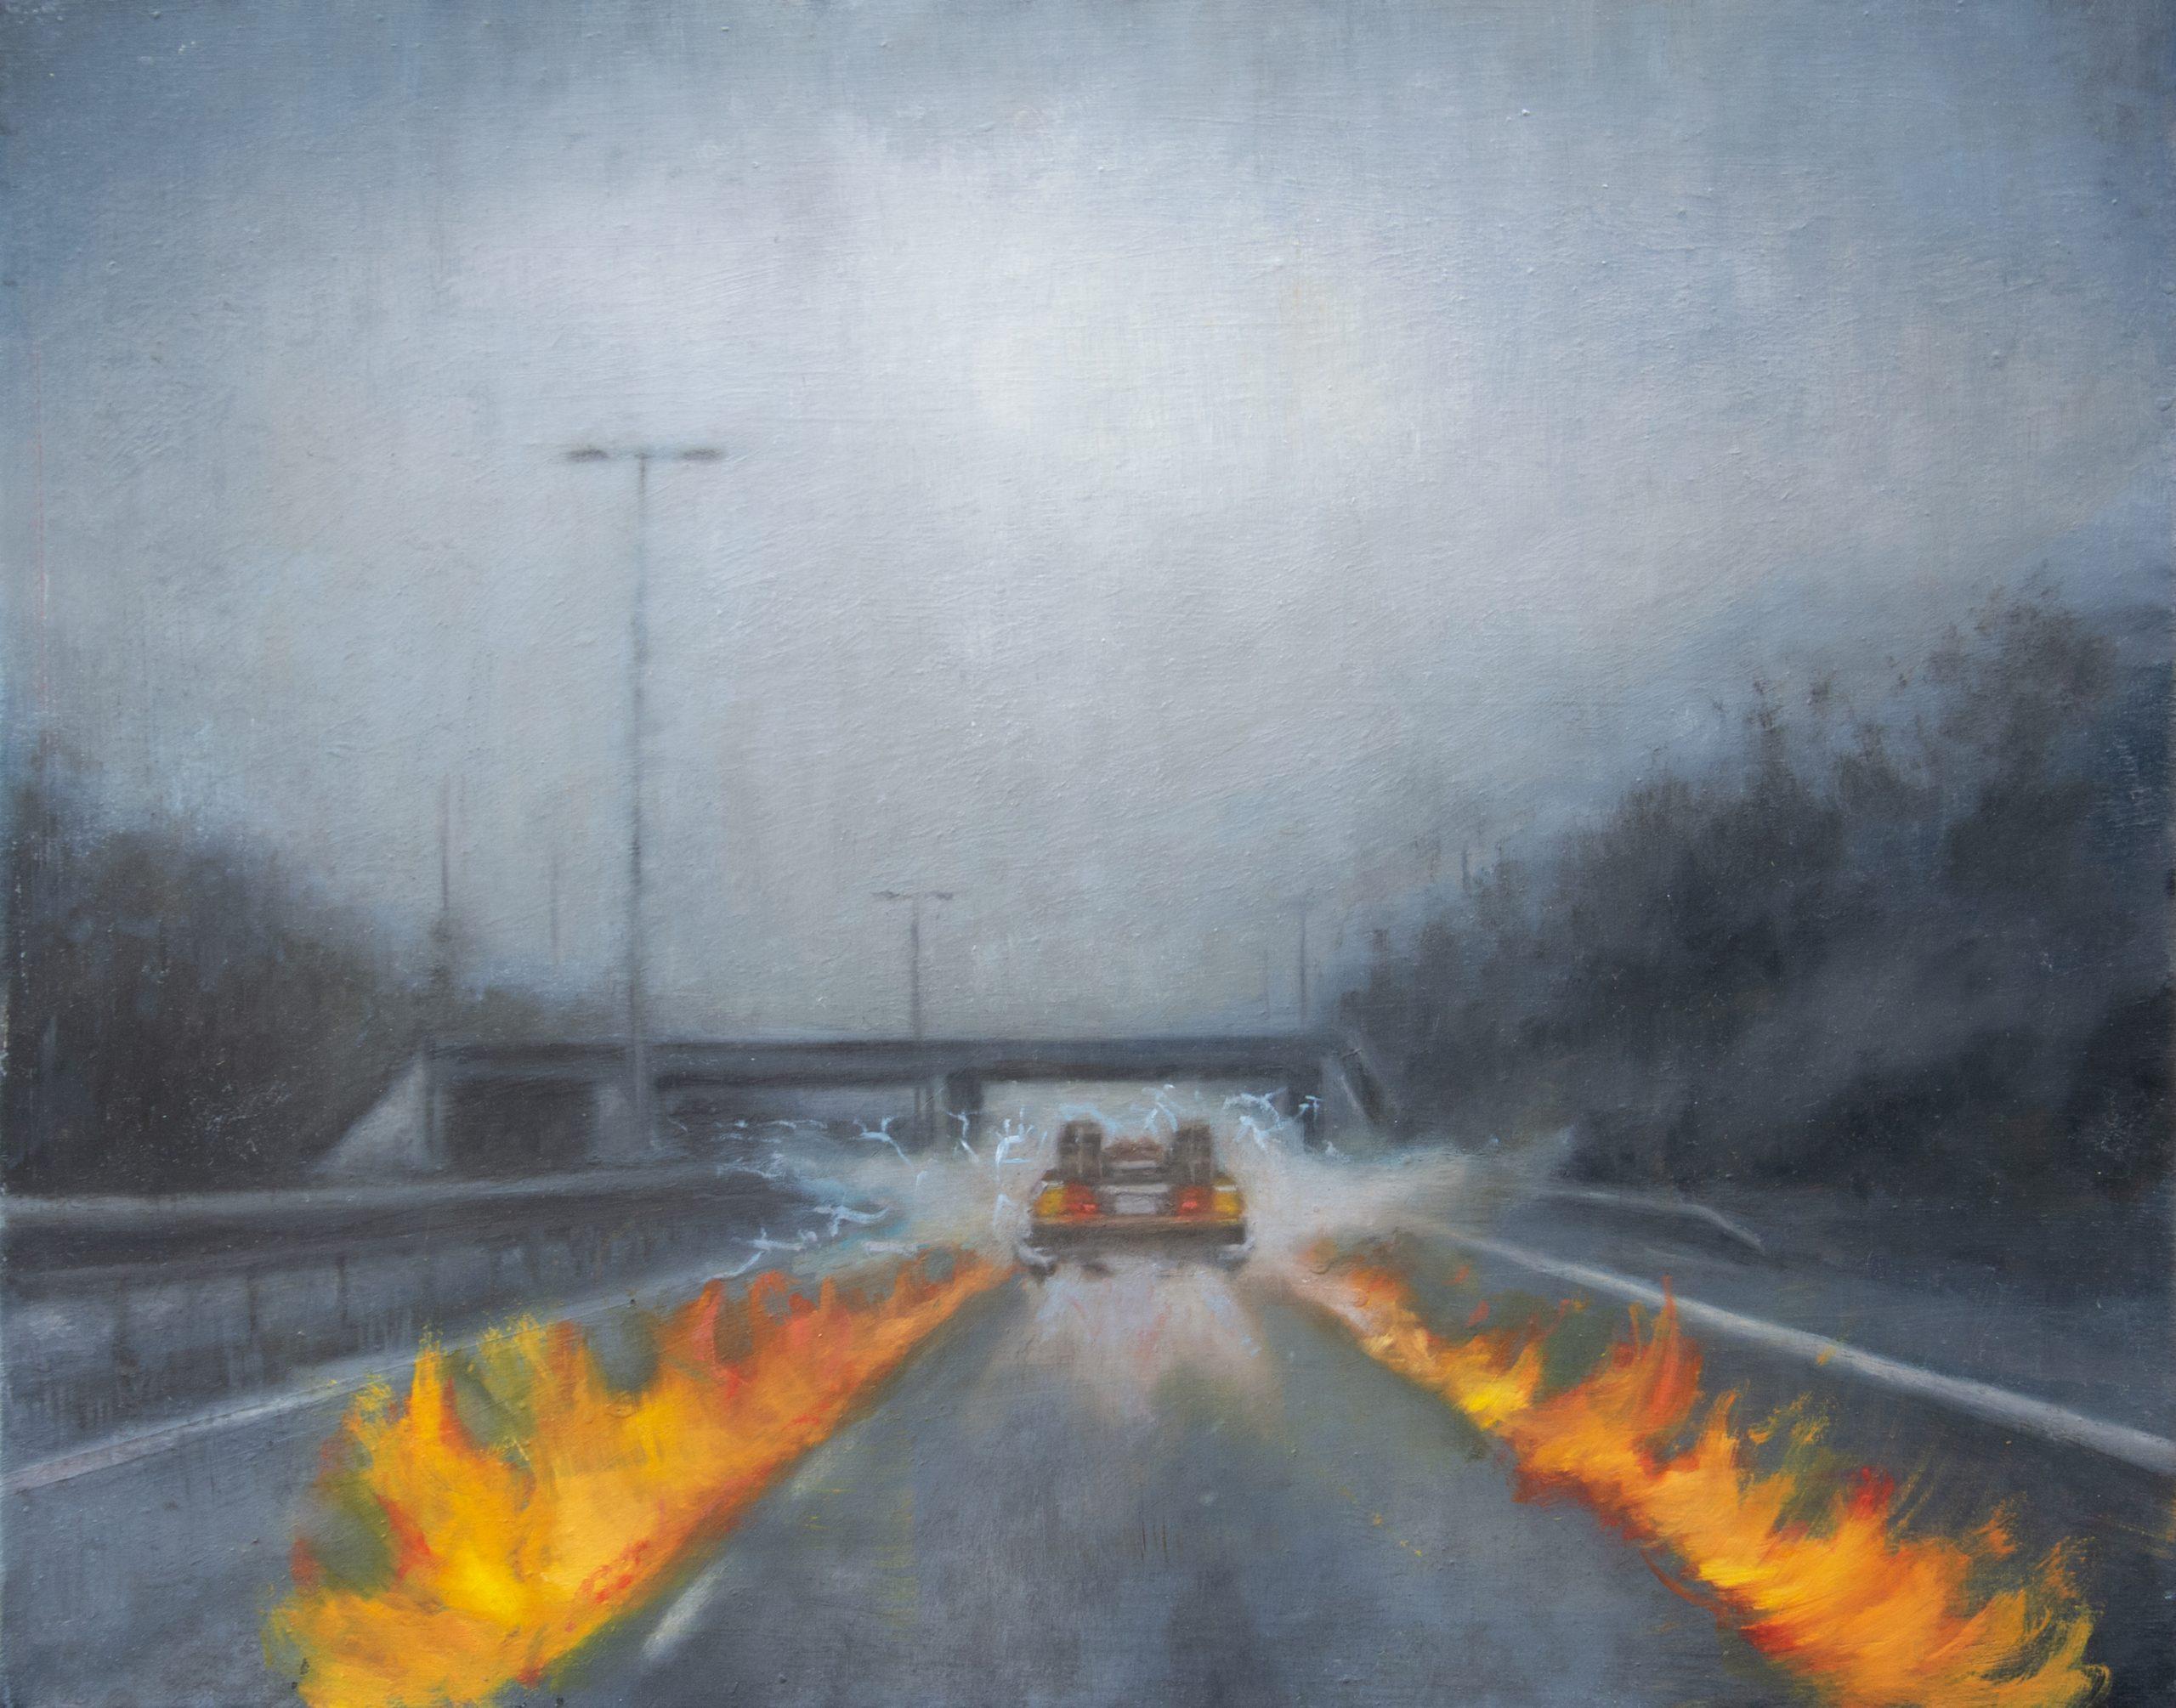 88mph by Tim Gatenby